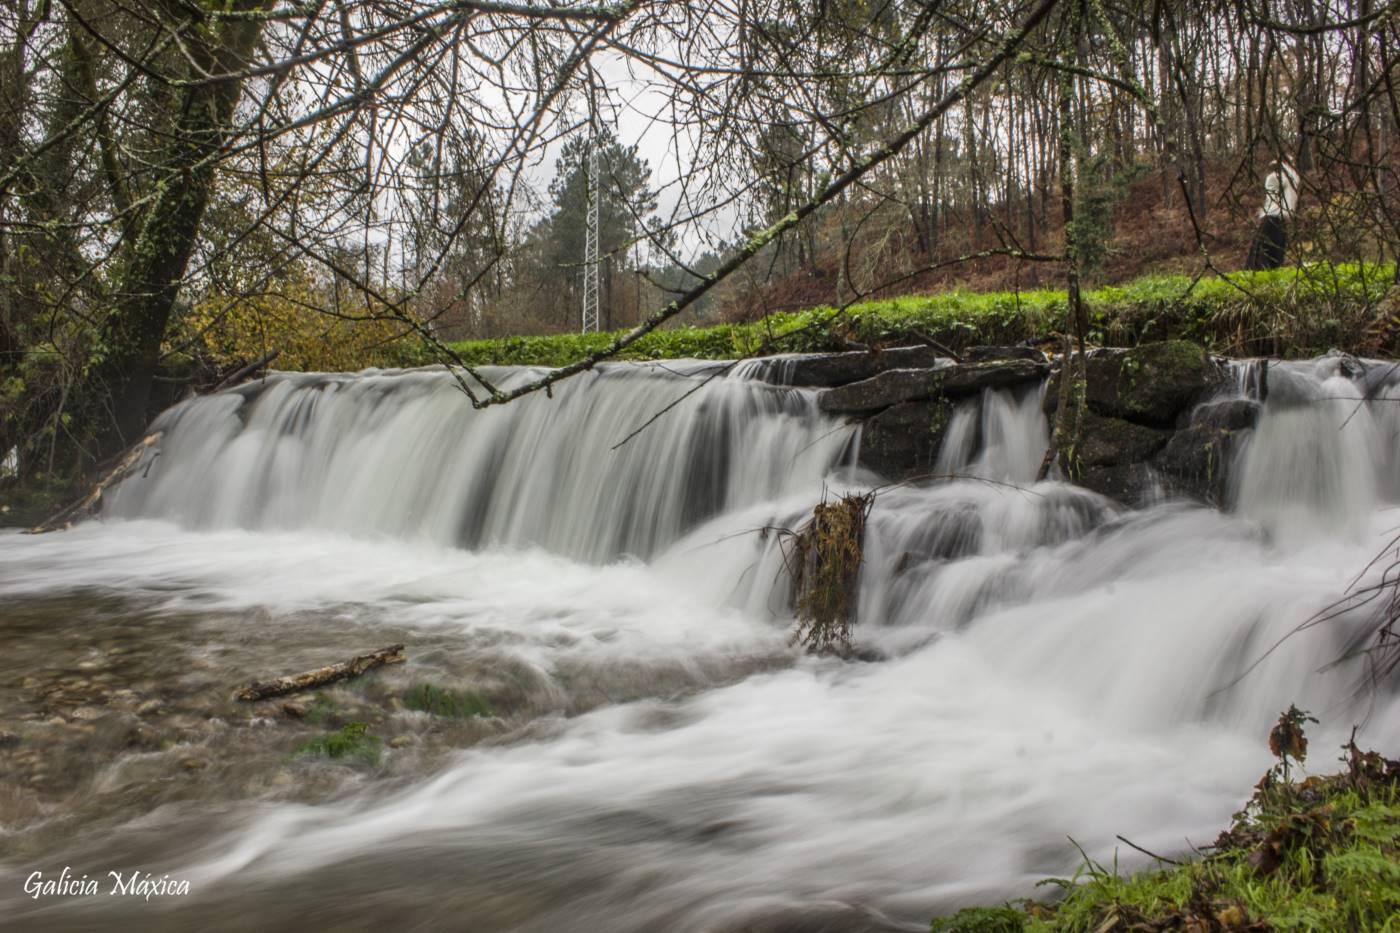 Senda - Ruta Molinos del río Uma